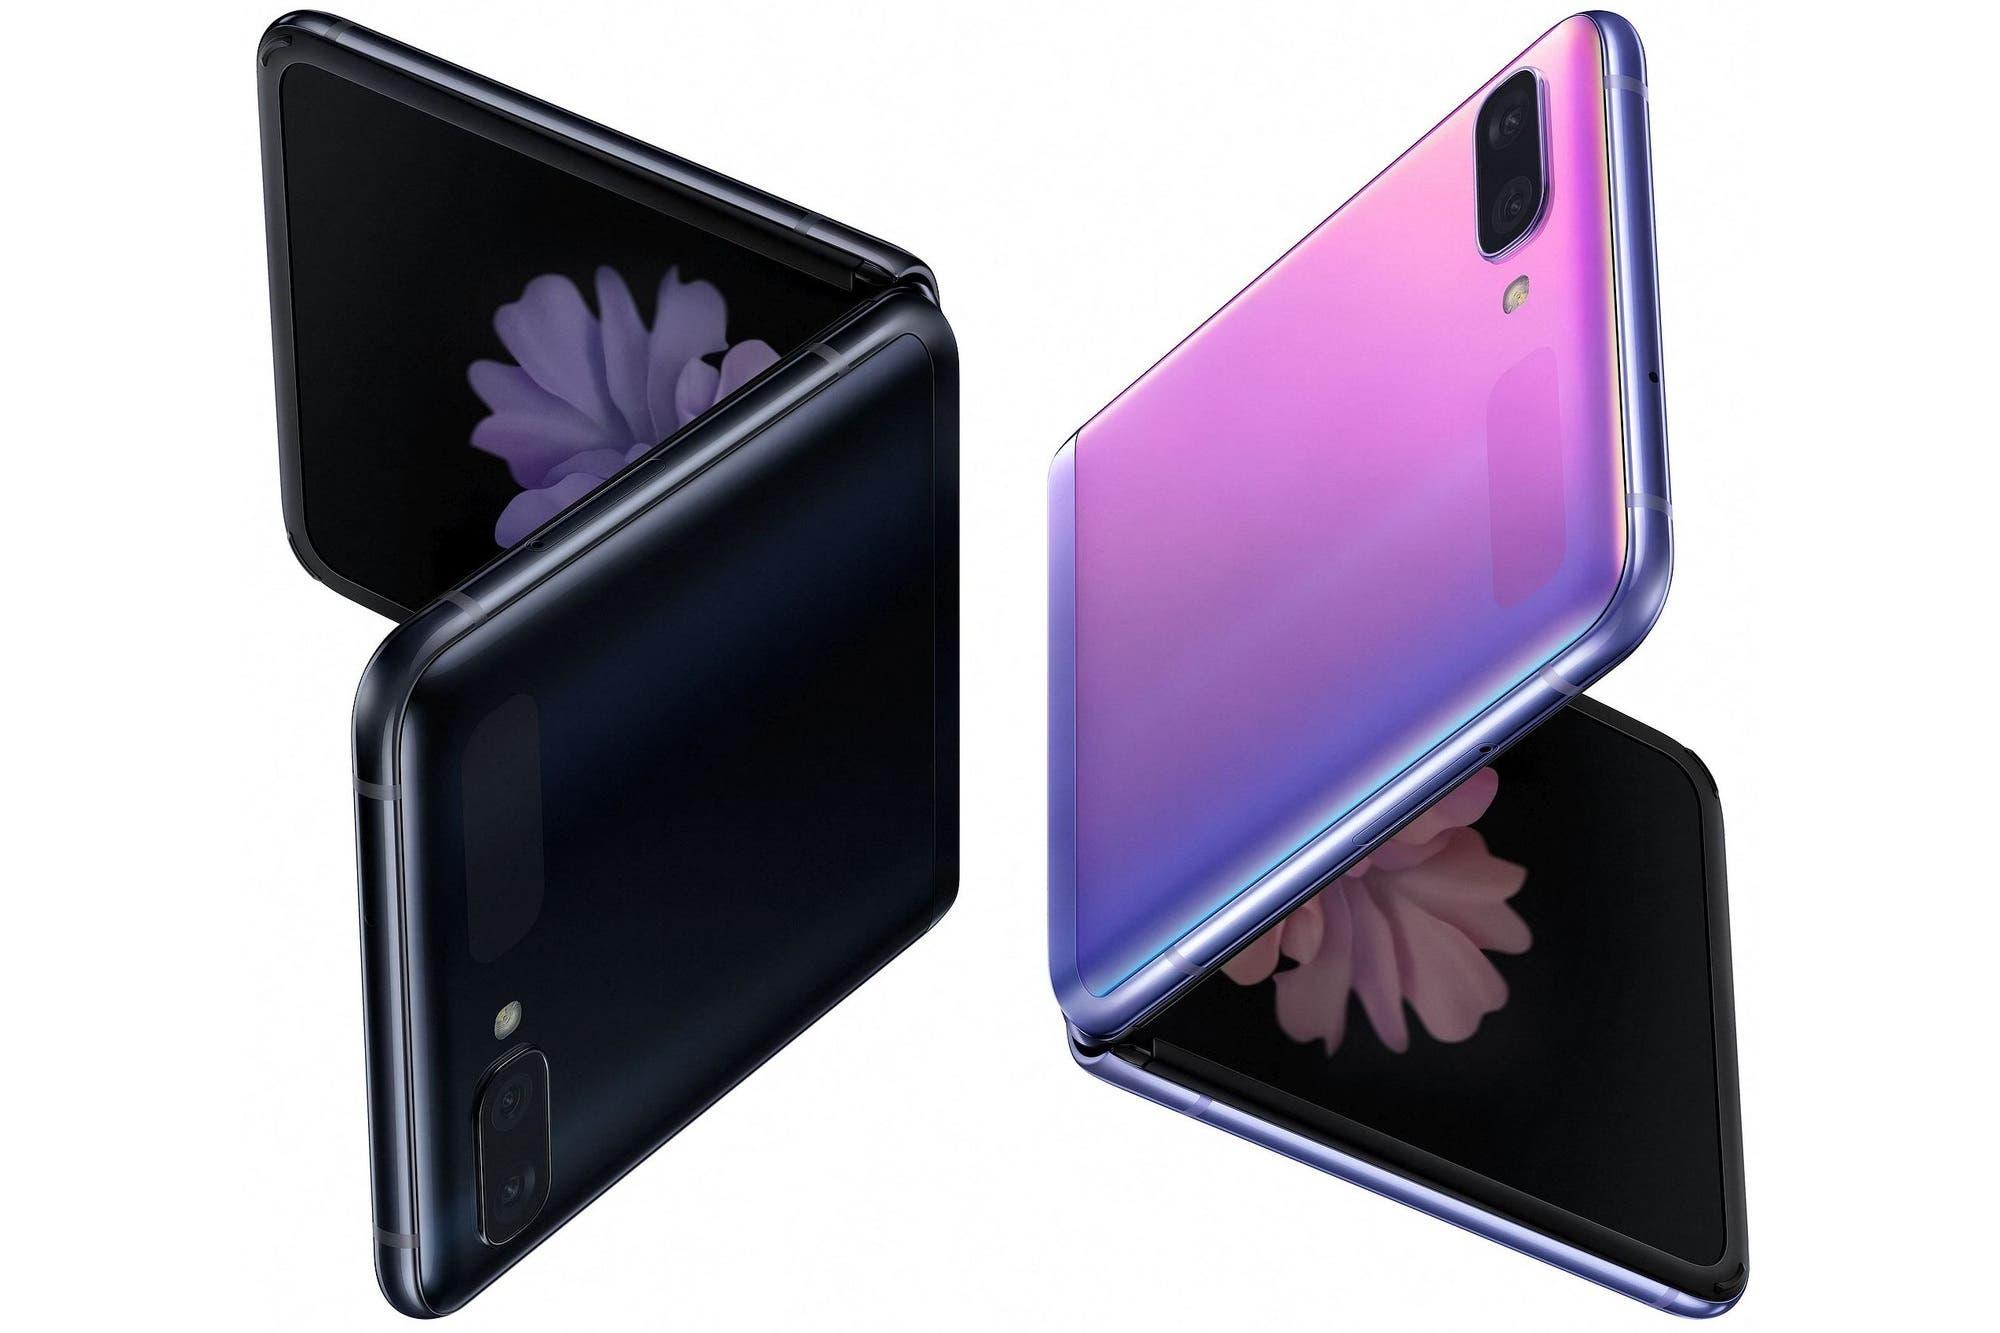 Galaxy Z Flip: primeras imágenes del smartphone flexible competidor del Moto Razr